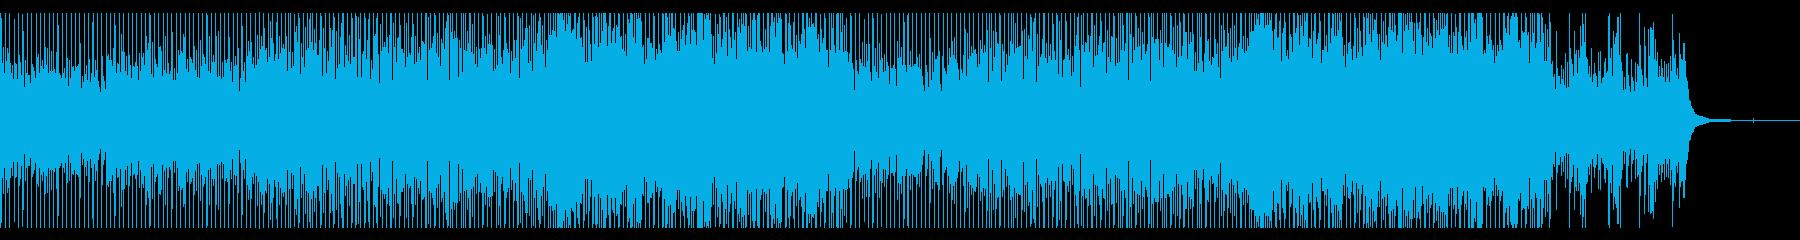 爽やかで明るく陽気なコンセプト系ポップの再生済みの波形